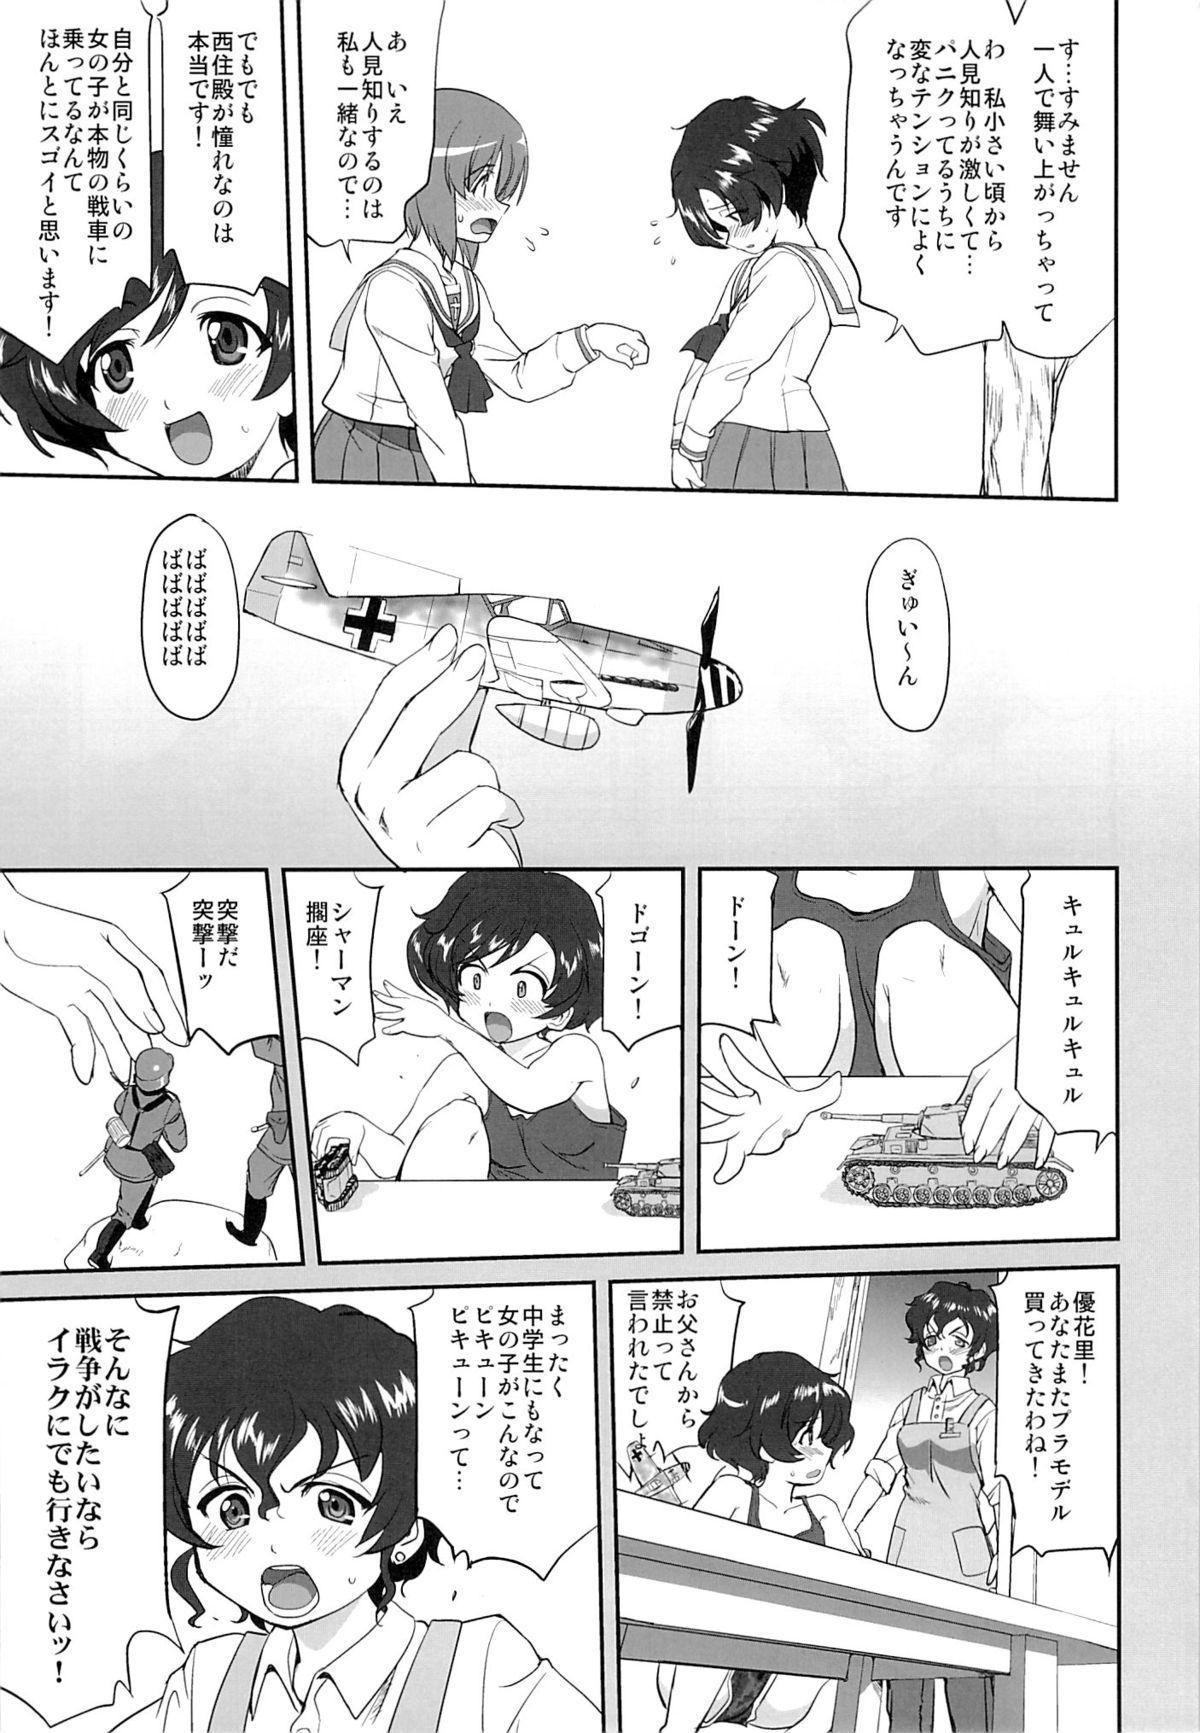 Yukiyukite Senshadou 15